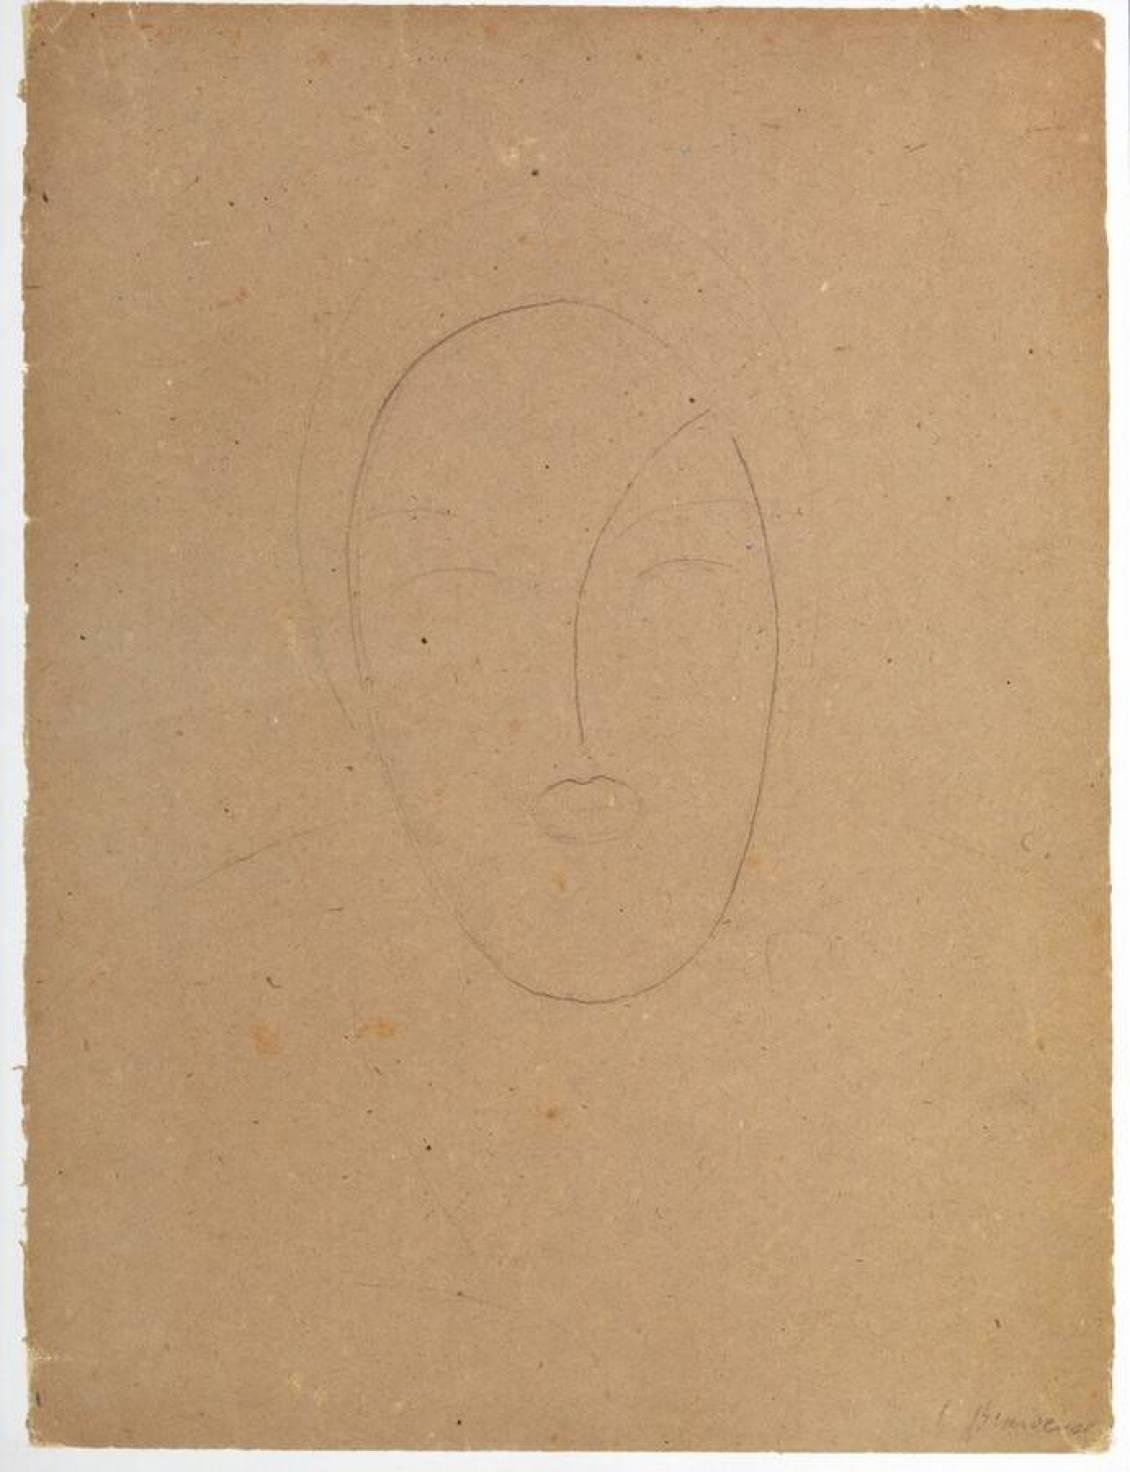 Constantin Brancusi, Head of a woman, circa 1909-1920